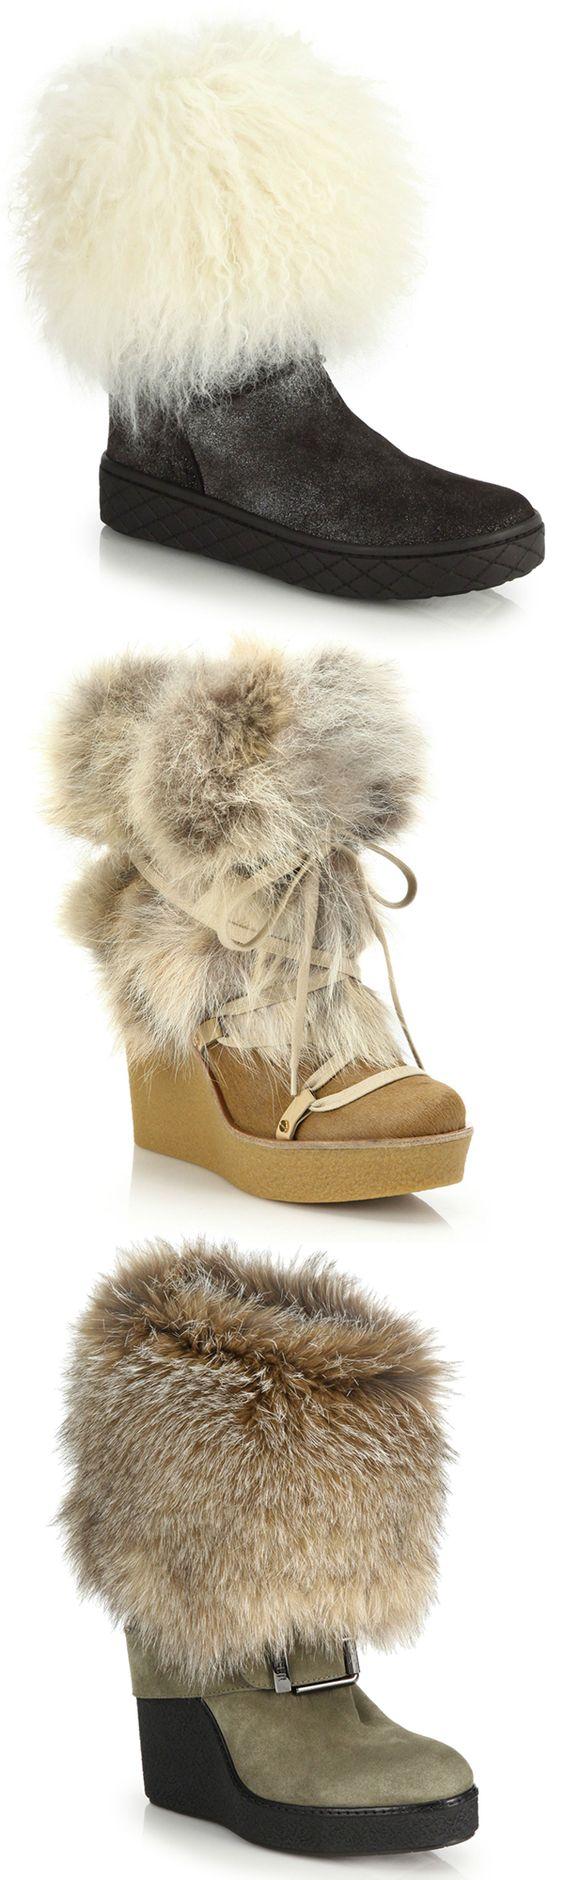 Moncler \u0026 Chloe fur boots | Boots, Shoe